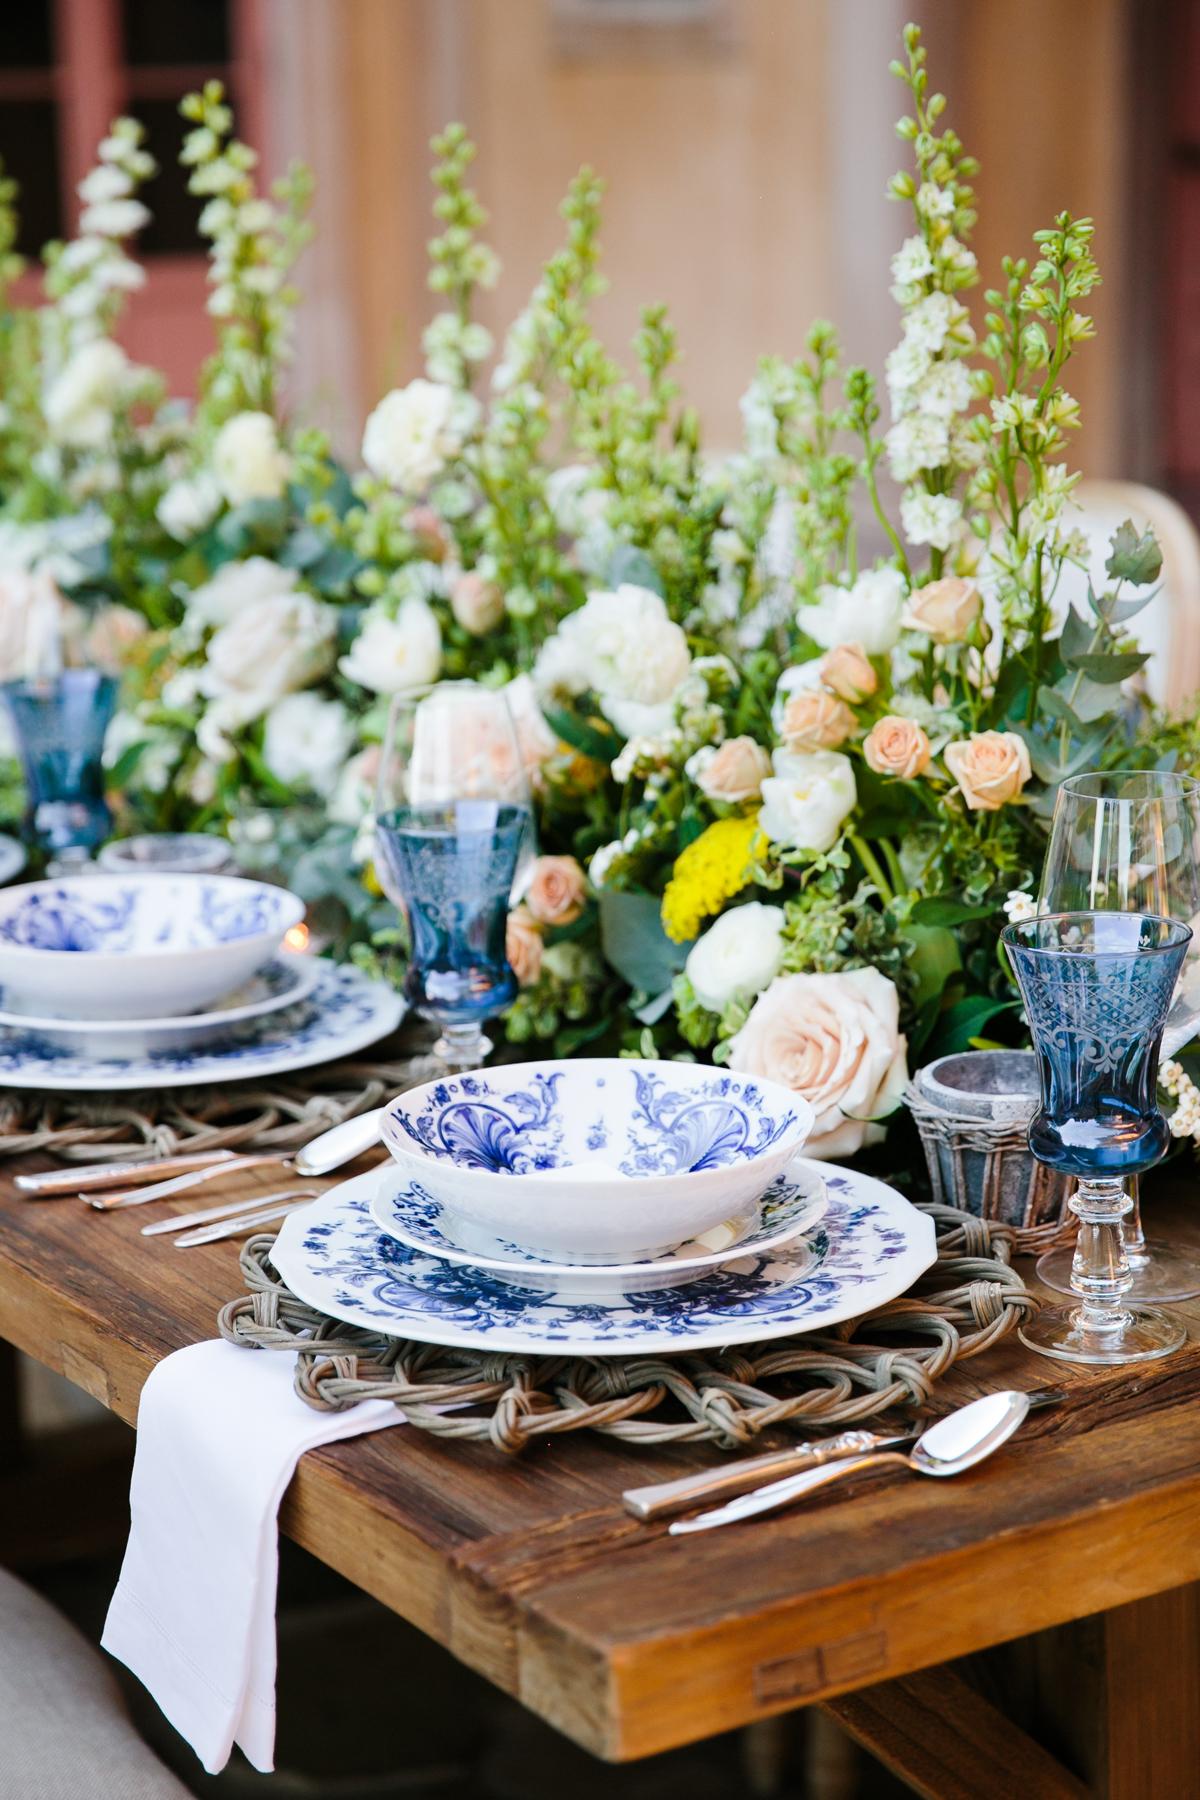 Chinoiserie-inspired Theoni dinnerware